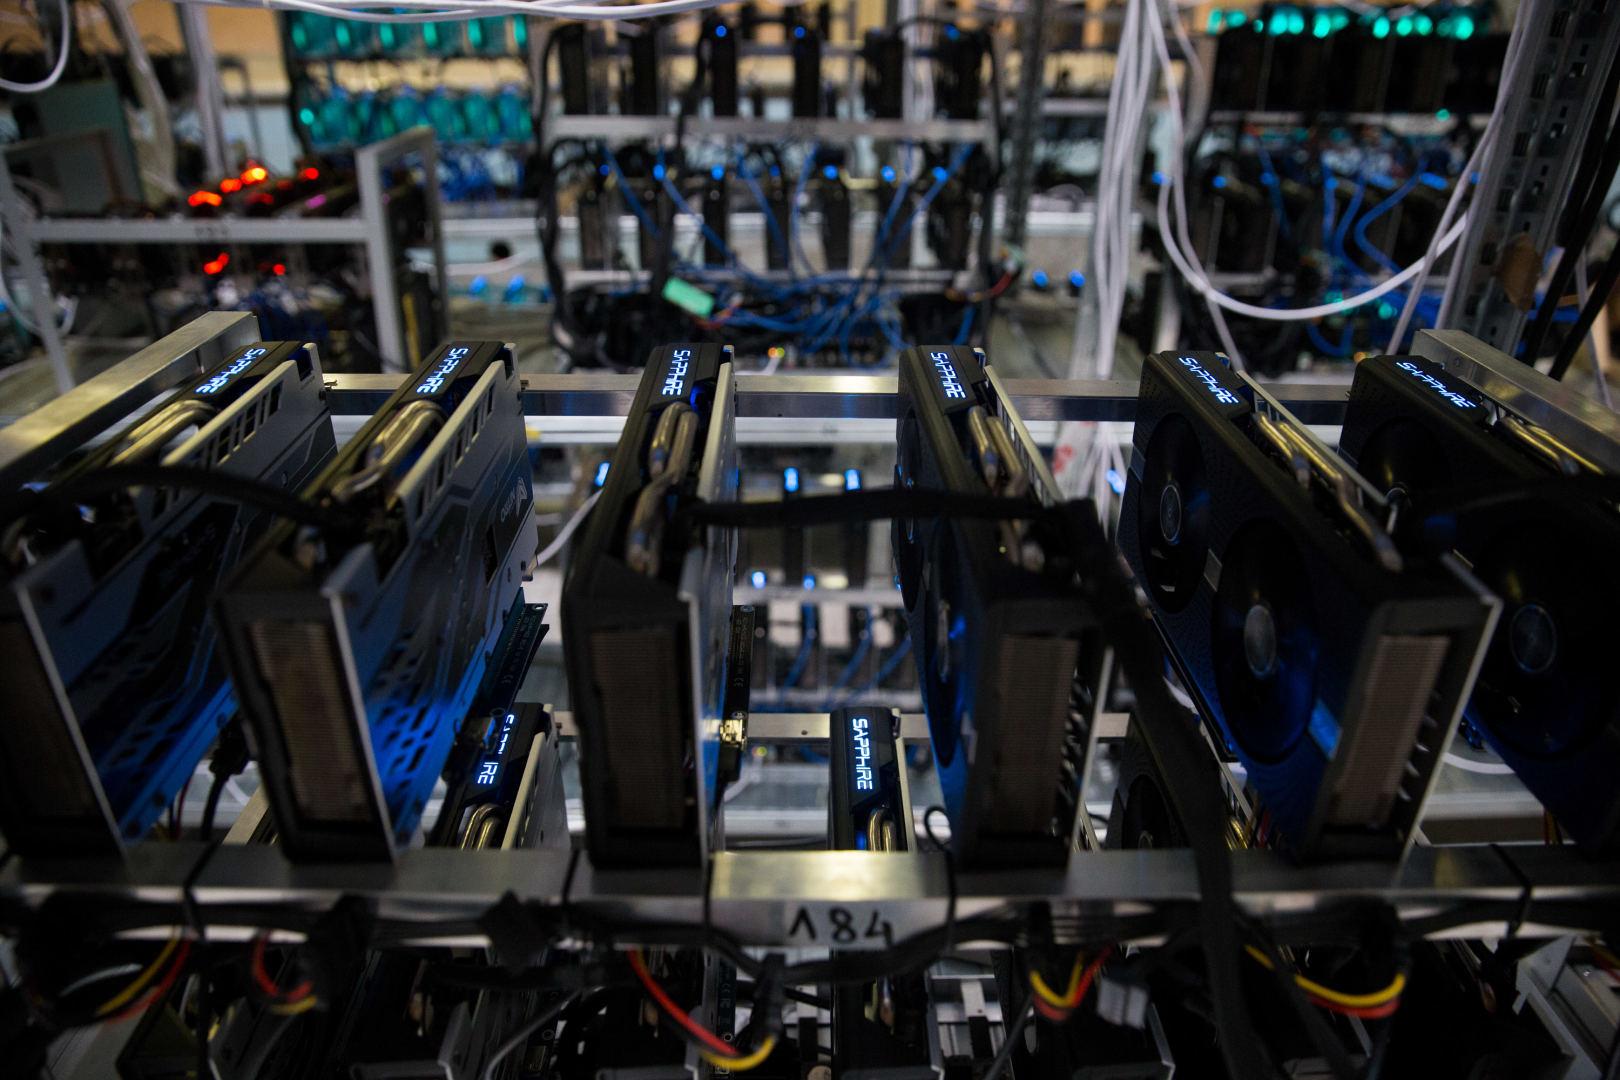 Kriptovaliutos prekybos botas - Kas yra Bitkoinas ir juo prekiauti m. | skulpturusodas.lt